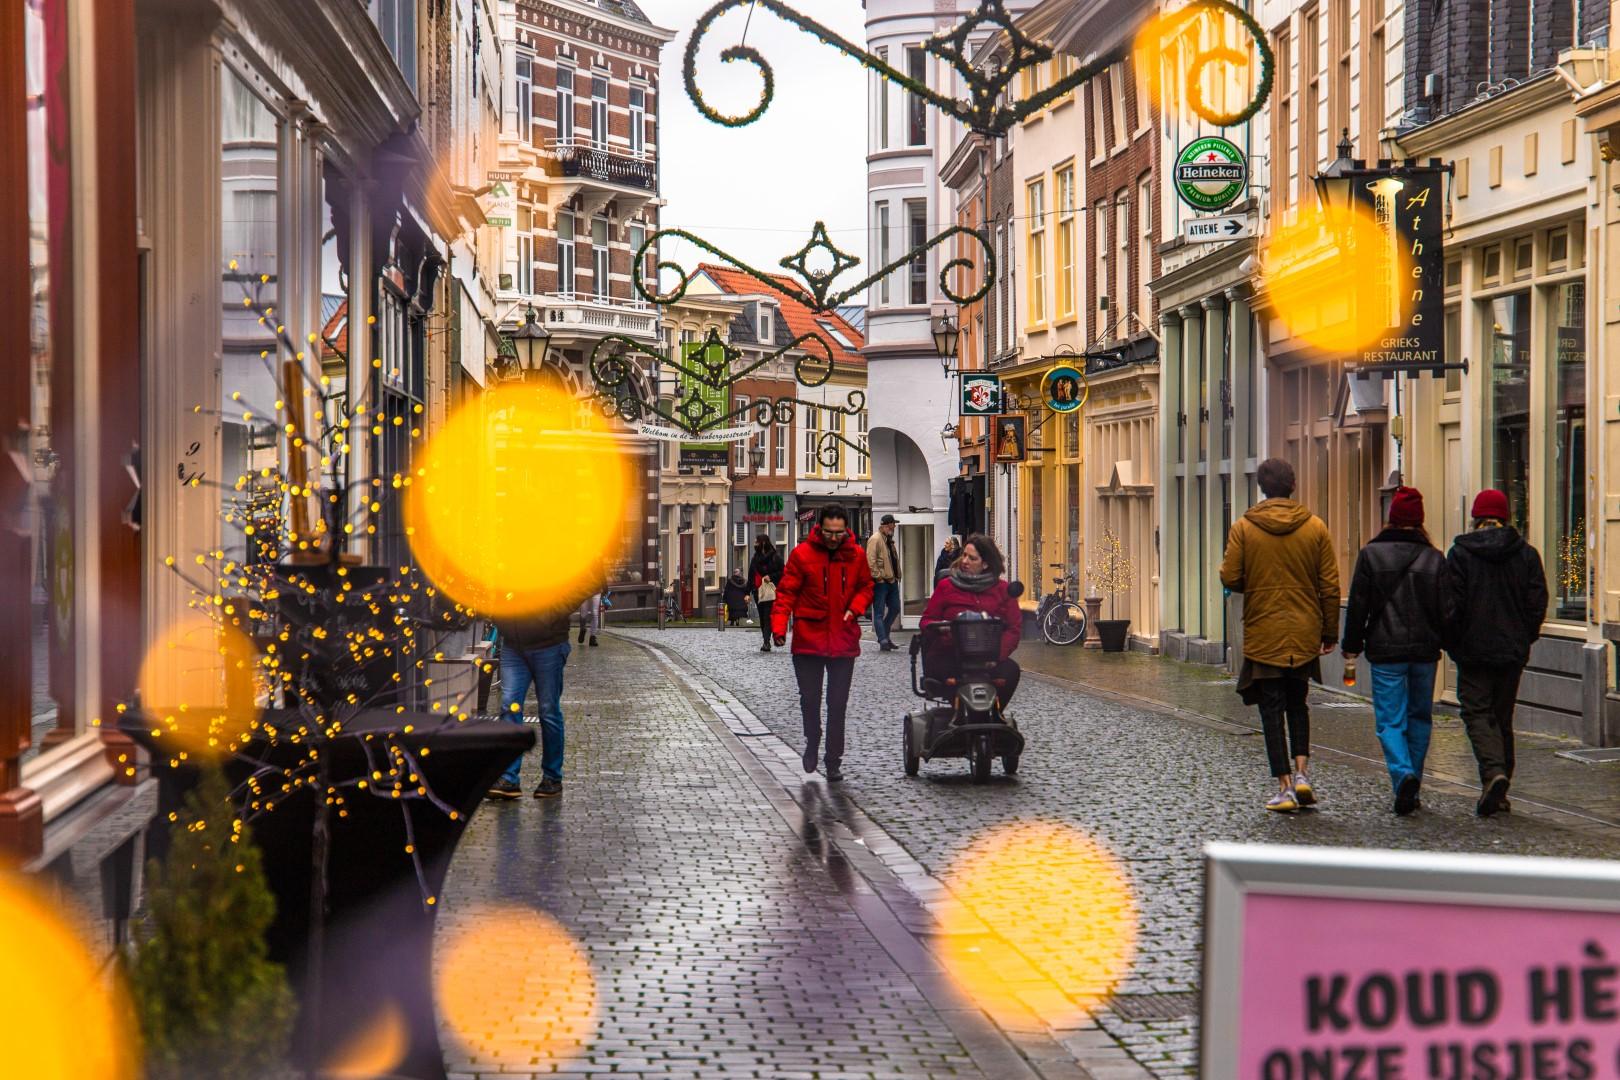 Kerst 2020 Bergen op Zoom weer fortuinstraat winkelen winkelende mensen drukte shoppen winkelstraat december winter